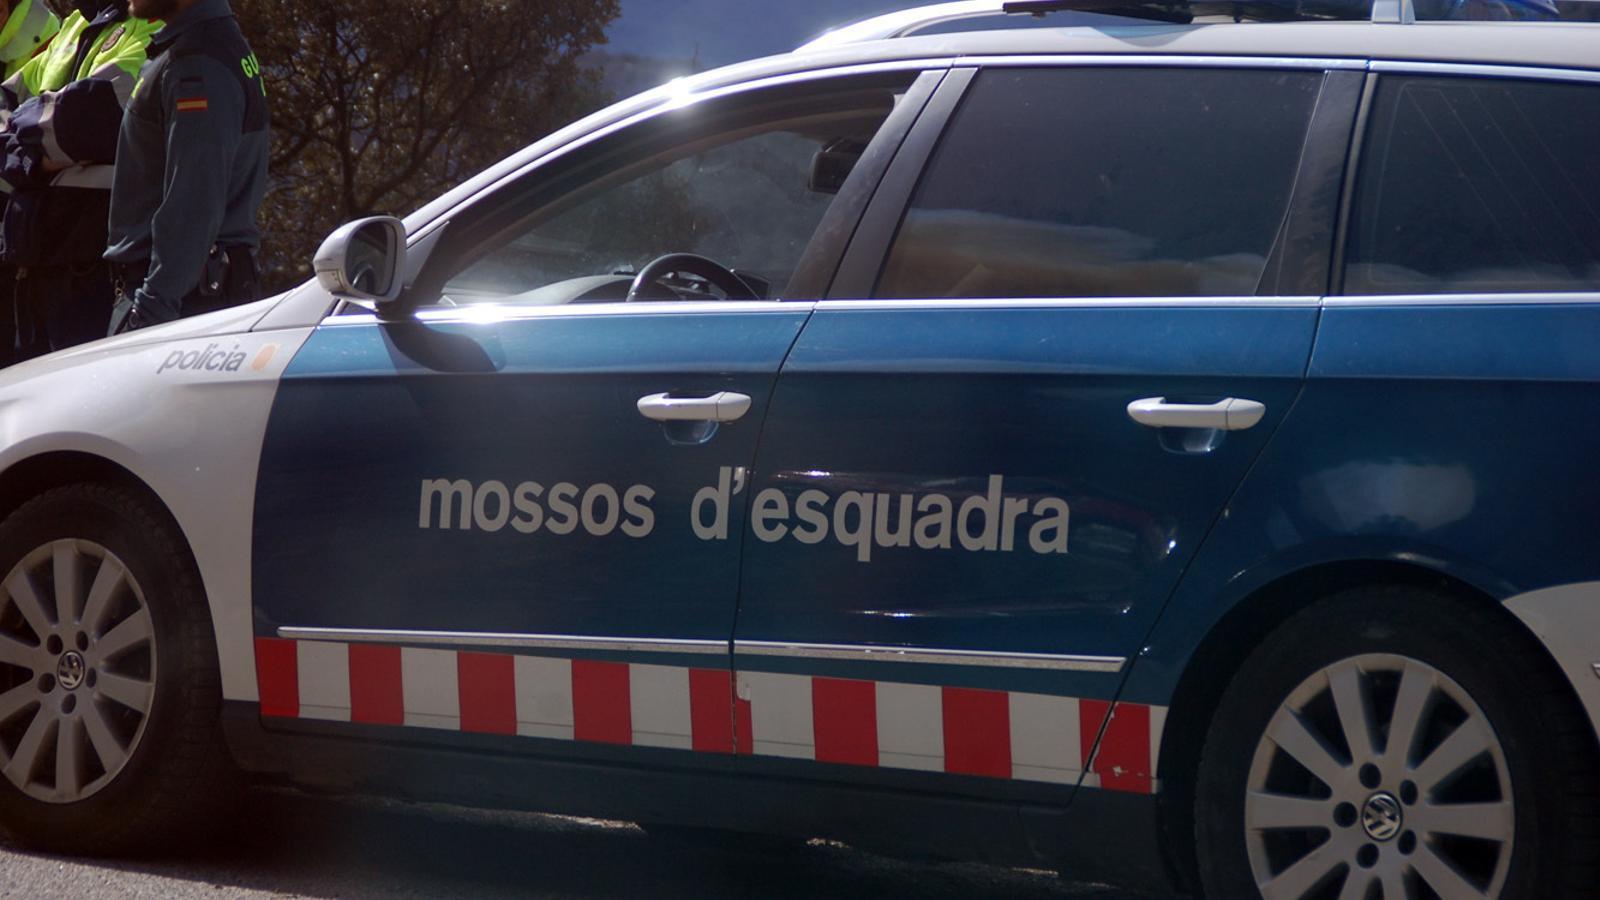 Una patrulla dels Mossos d'Esquadra. / ARXIU ANA